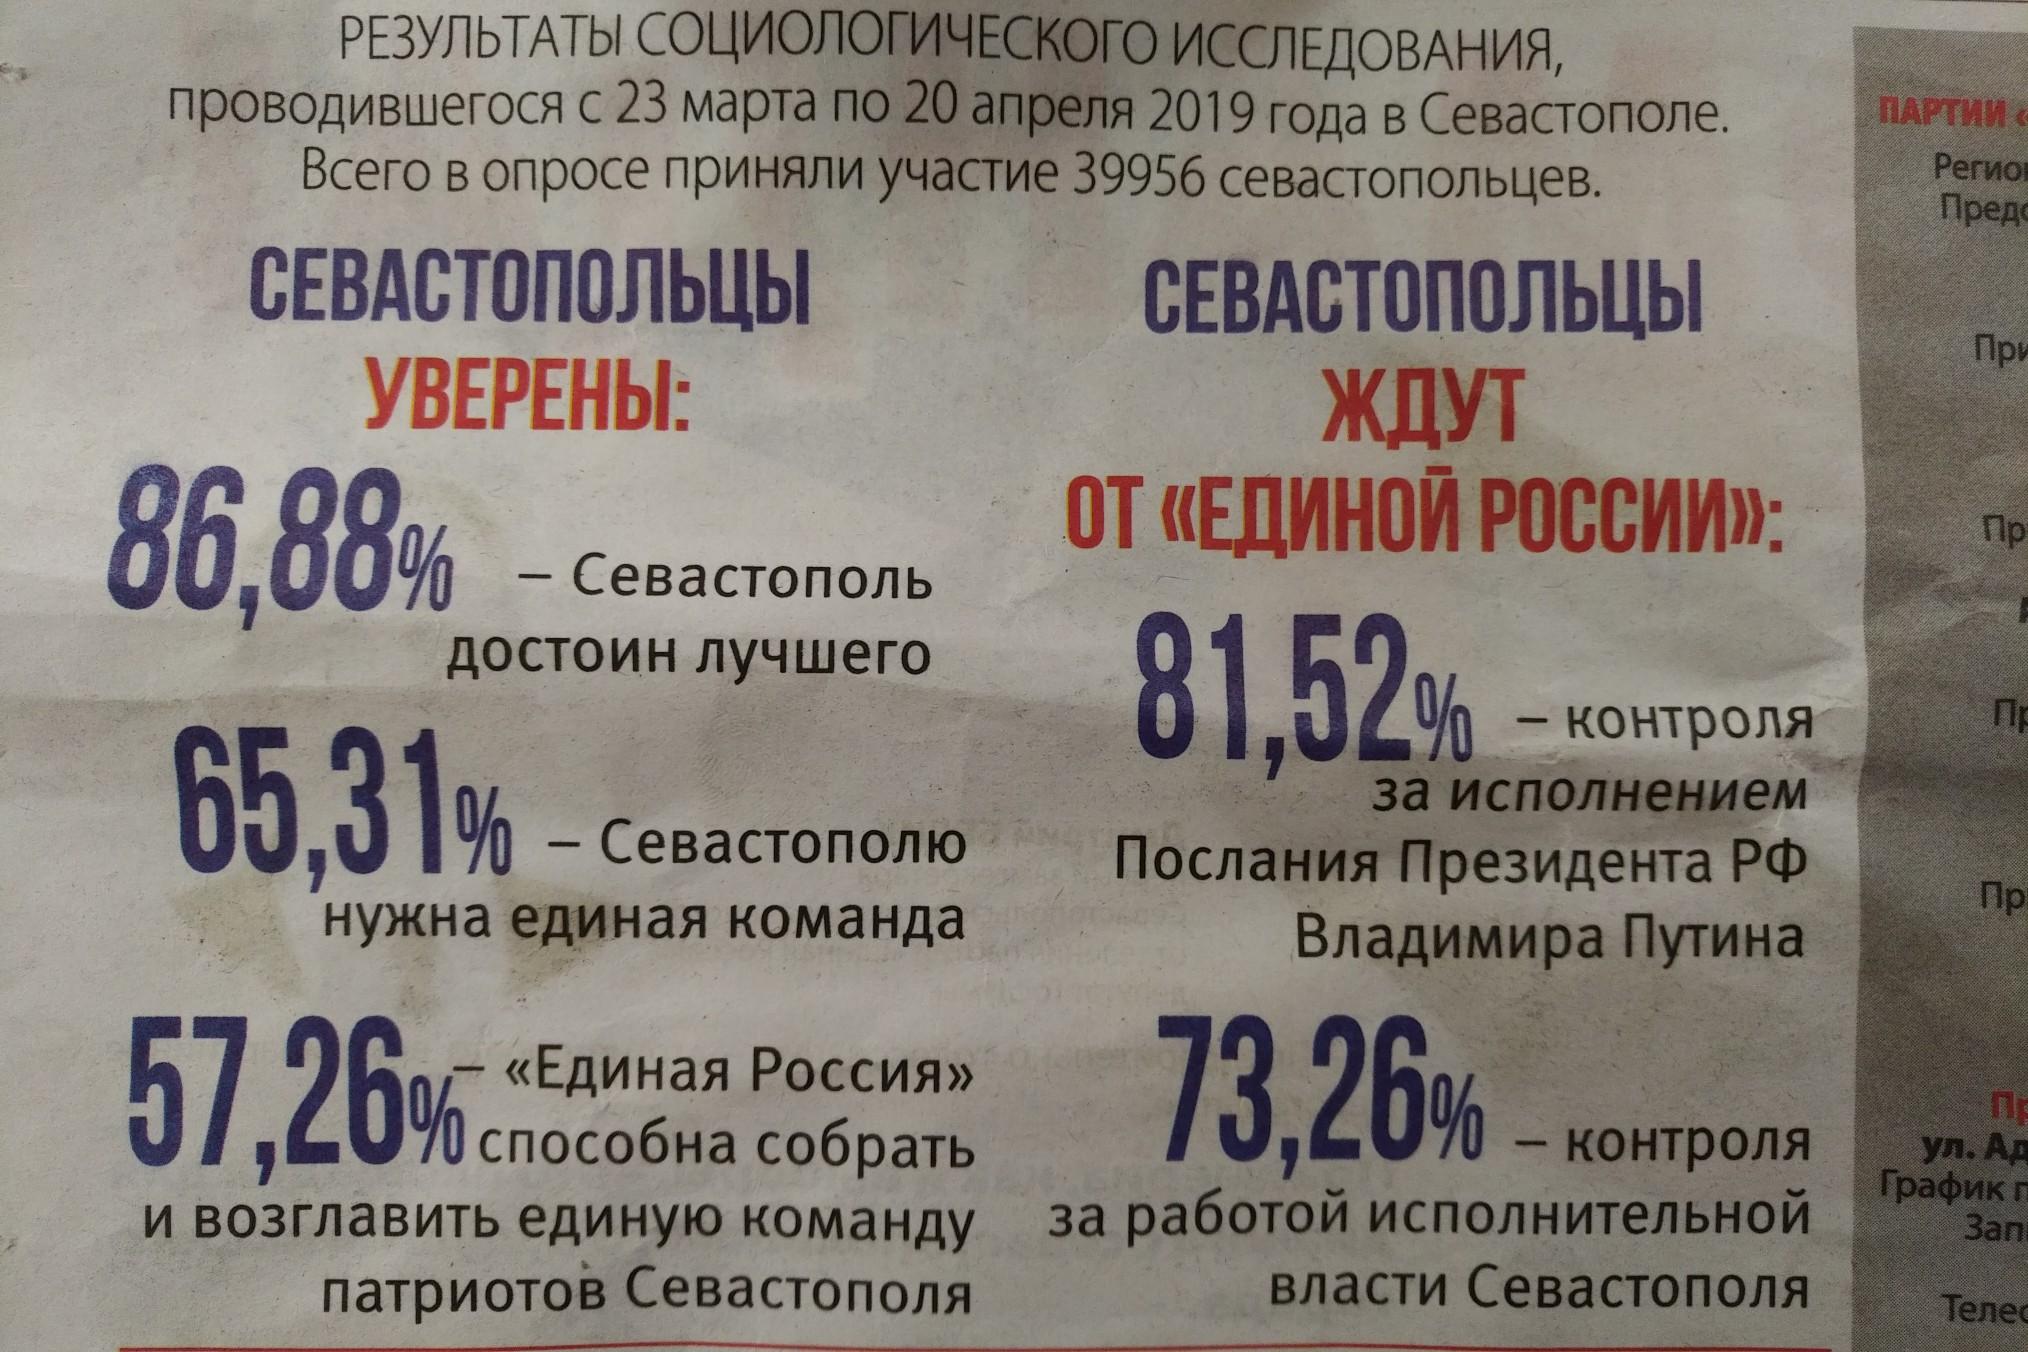 Севастопольцы недовольны и хотят ещё: «Единая Россия» опубликовала любопытный соцопрос